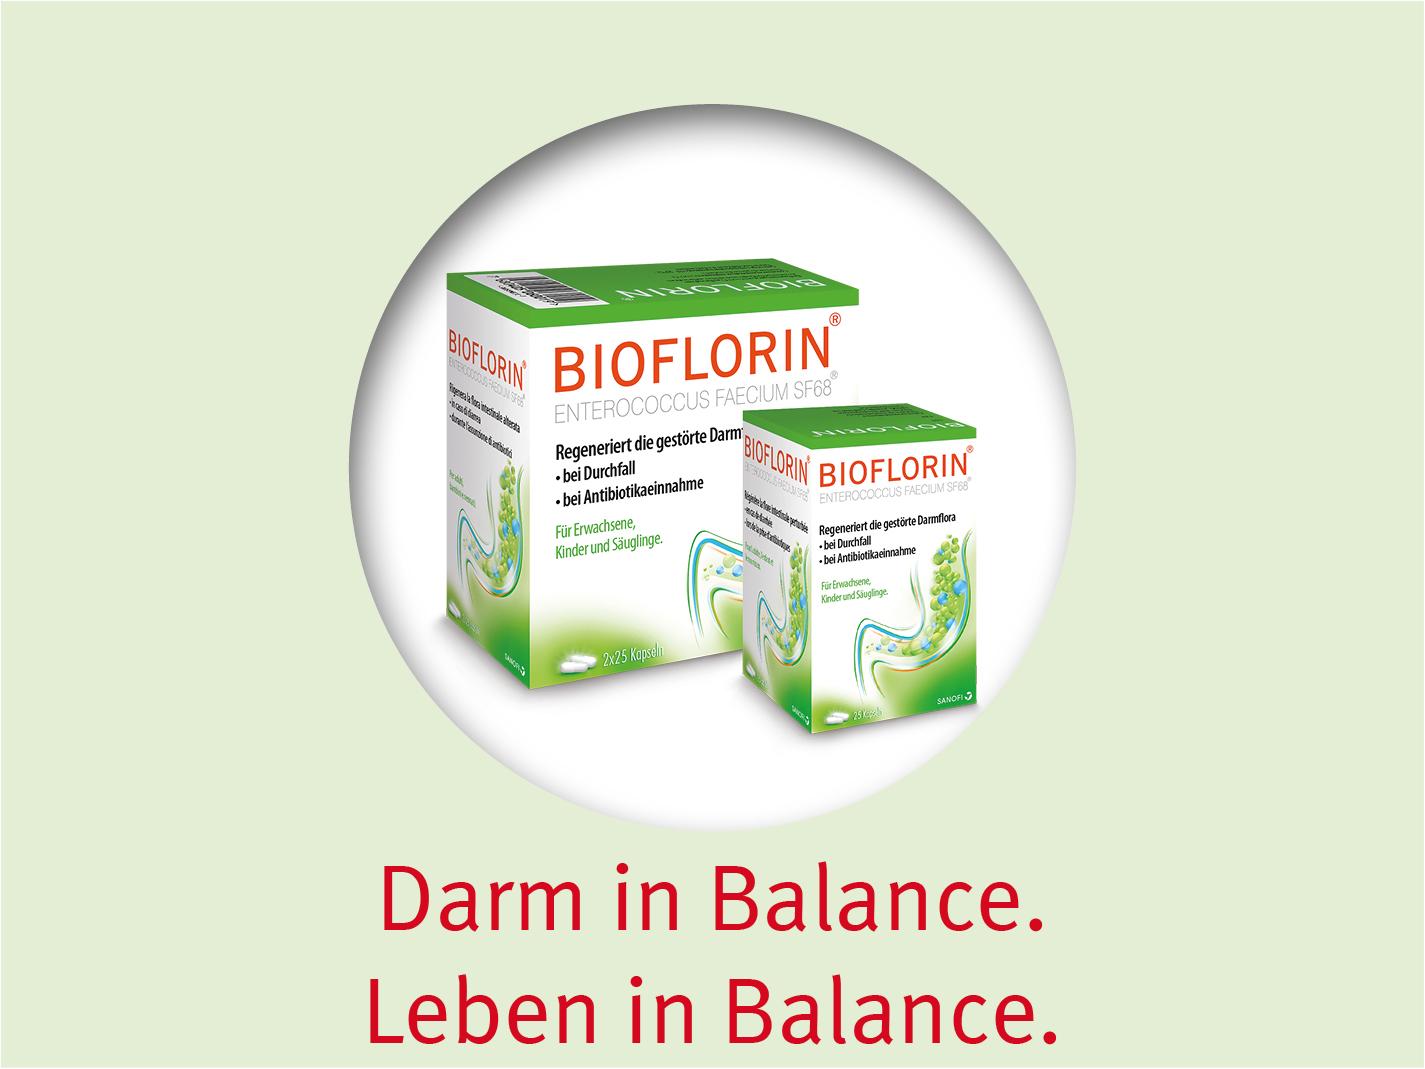 bioflorin_teaserbox_0.jpg